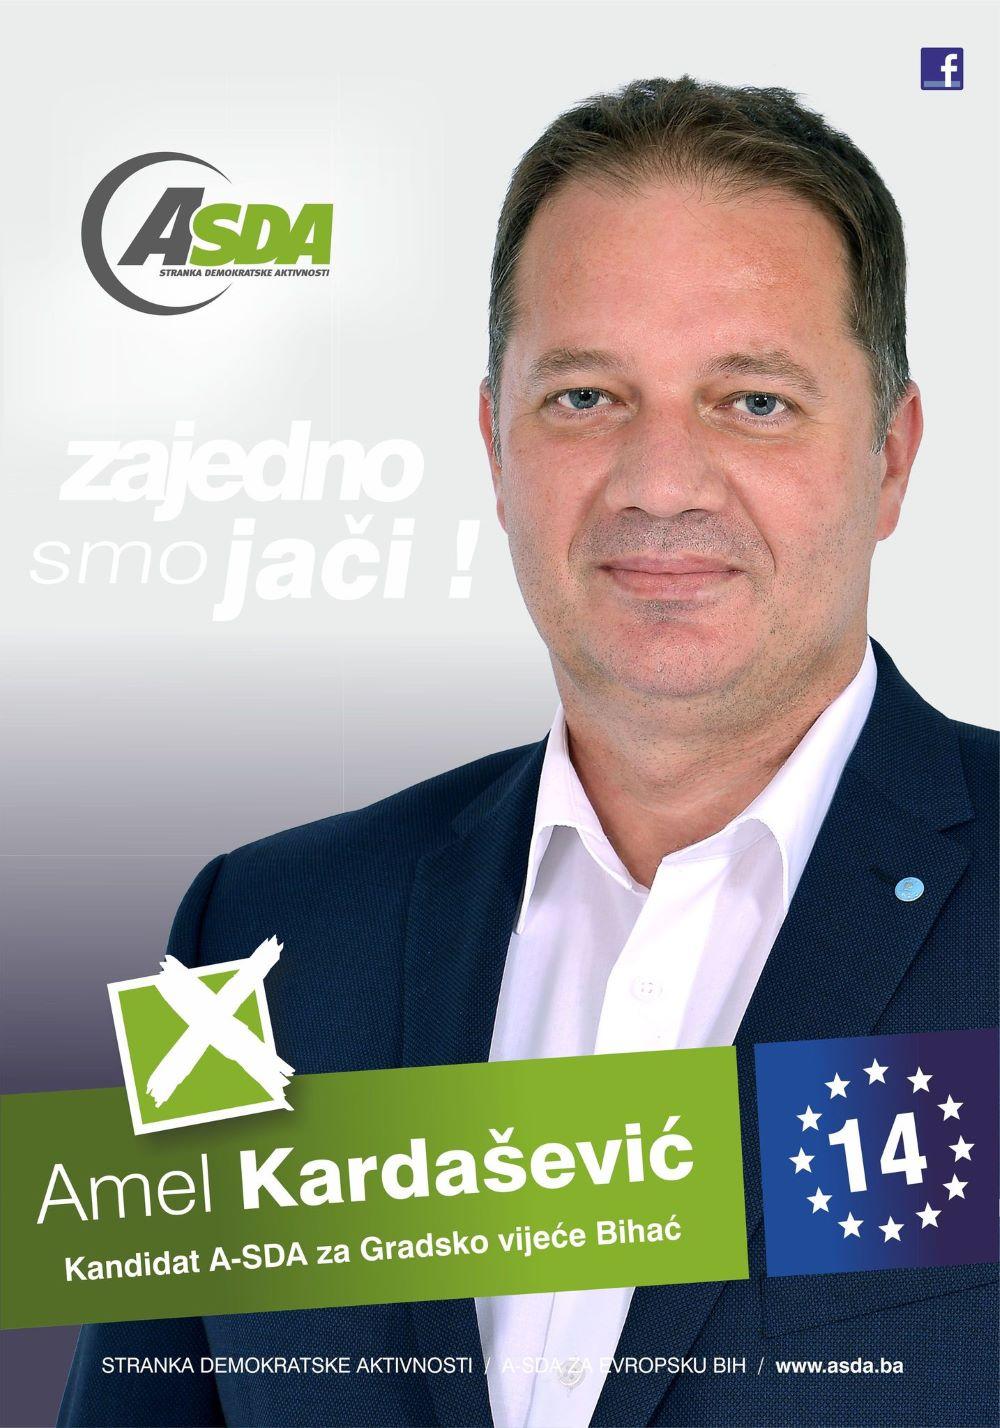 Amel Kardašević